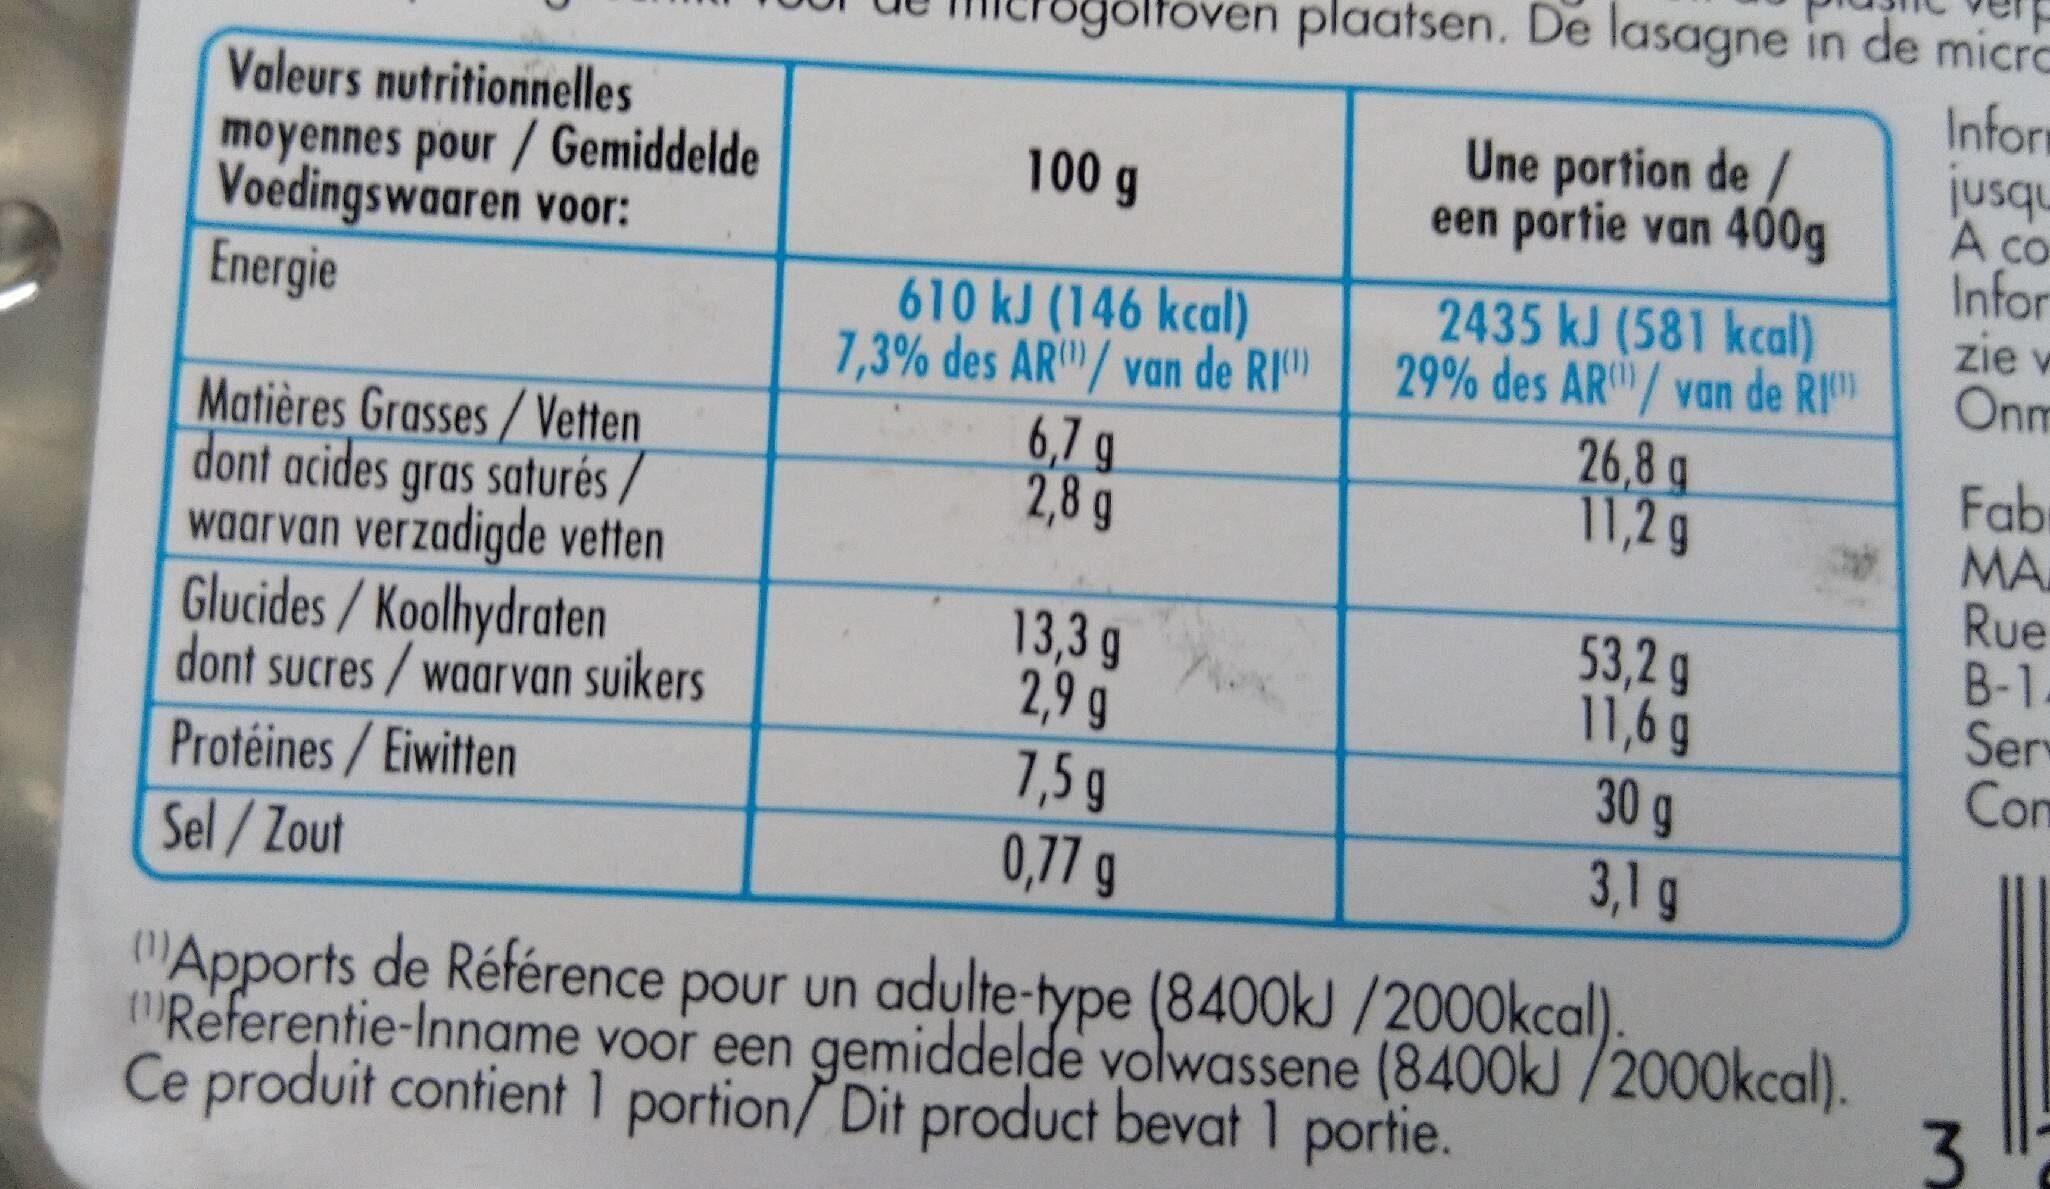 Lasagne bolognese - Voedingswaarden - fr